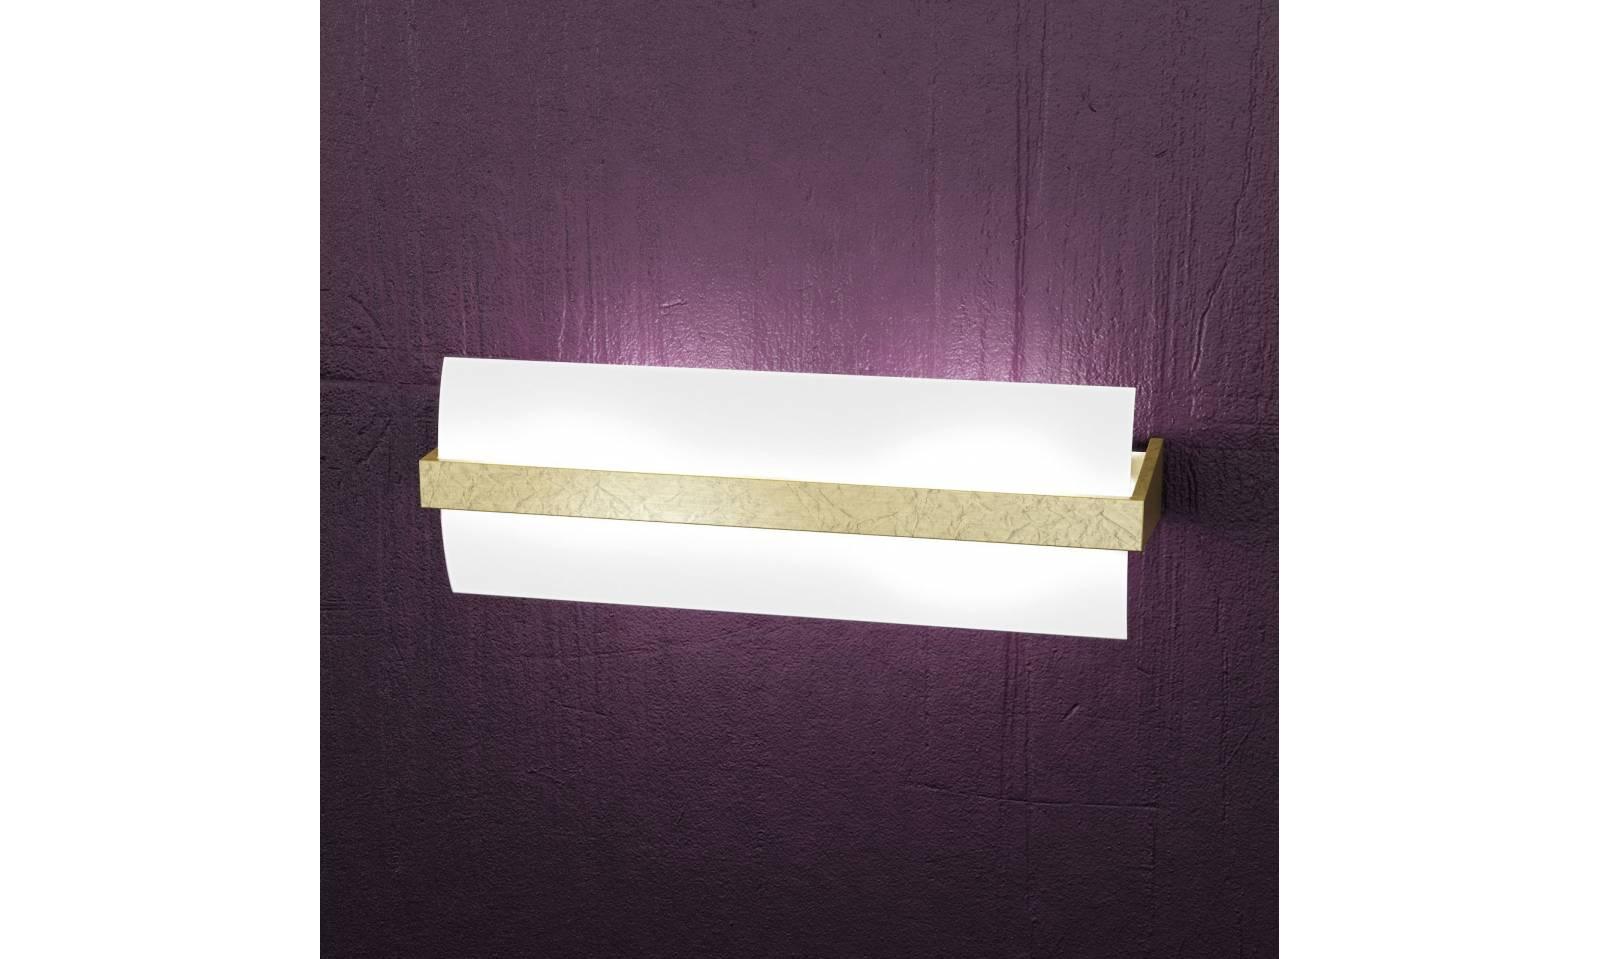 Applique wood metallo cromato e legno per ambiente moderno luci